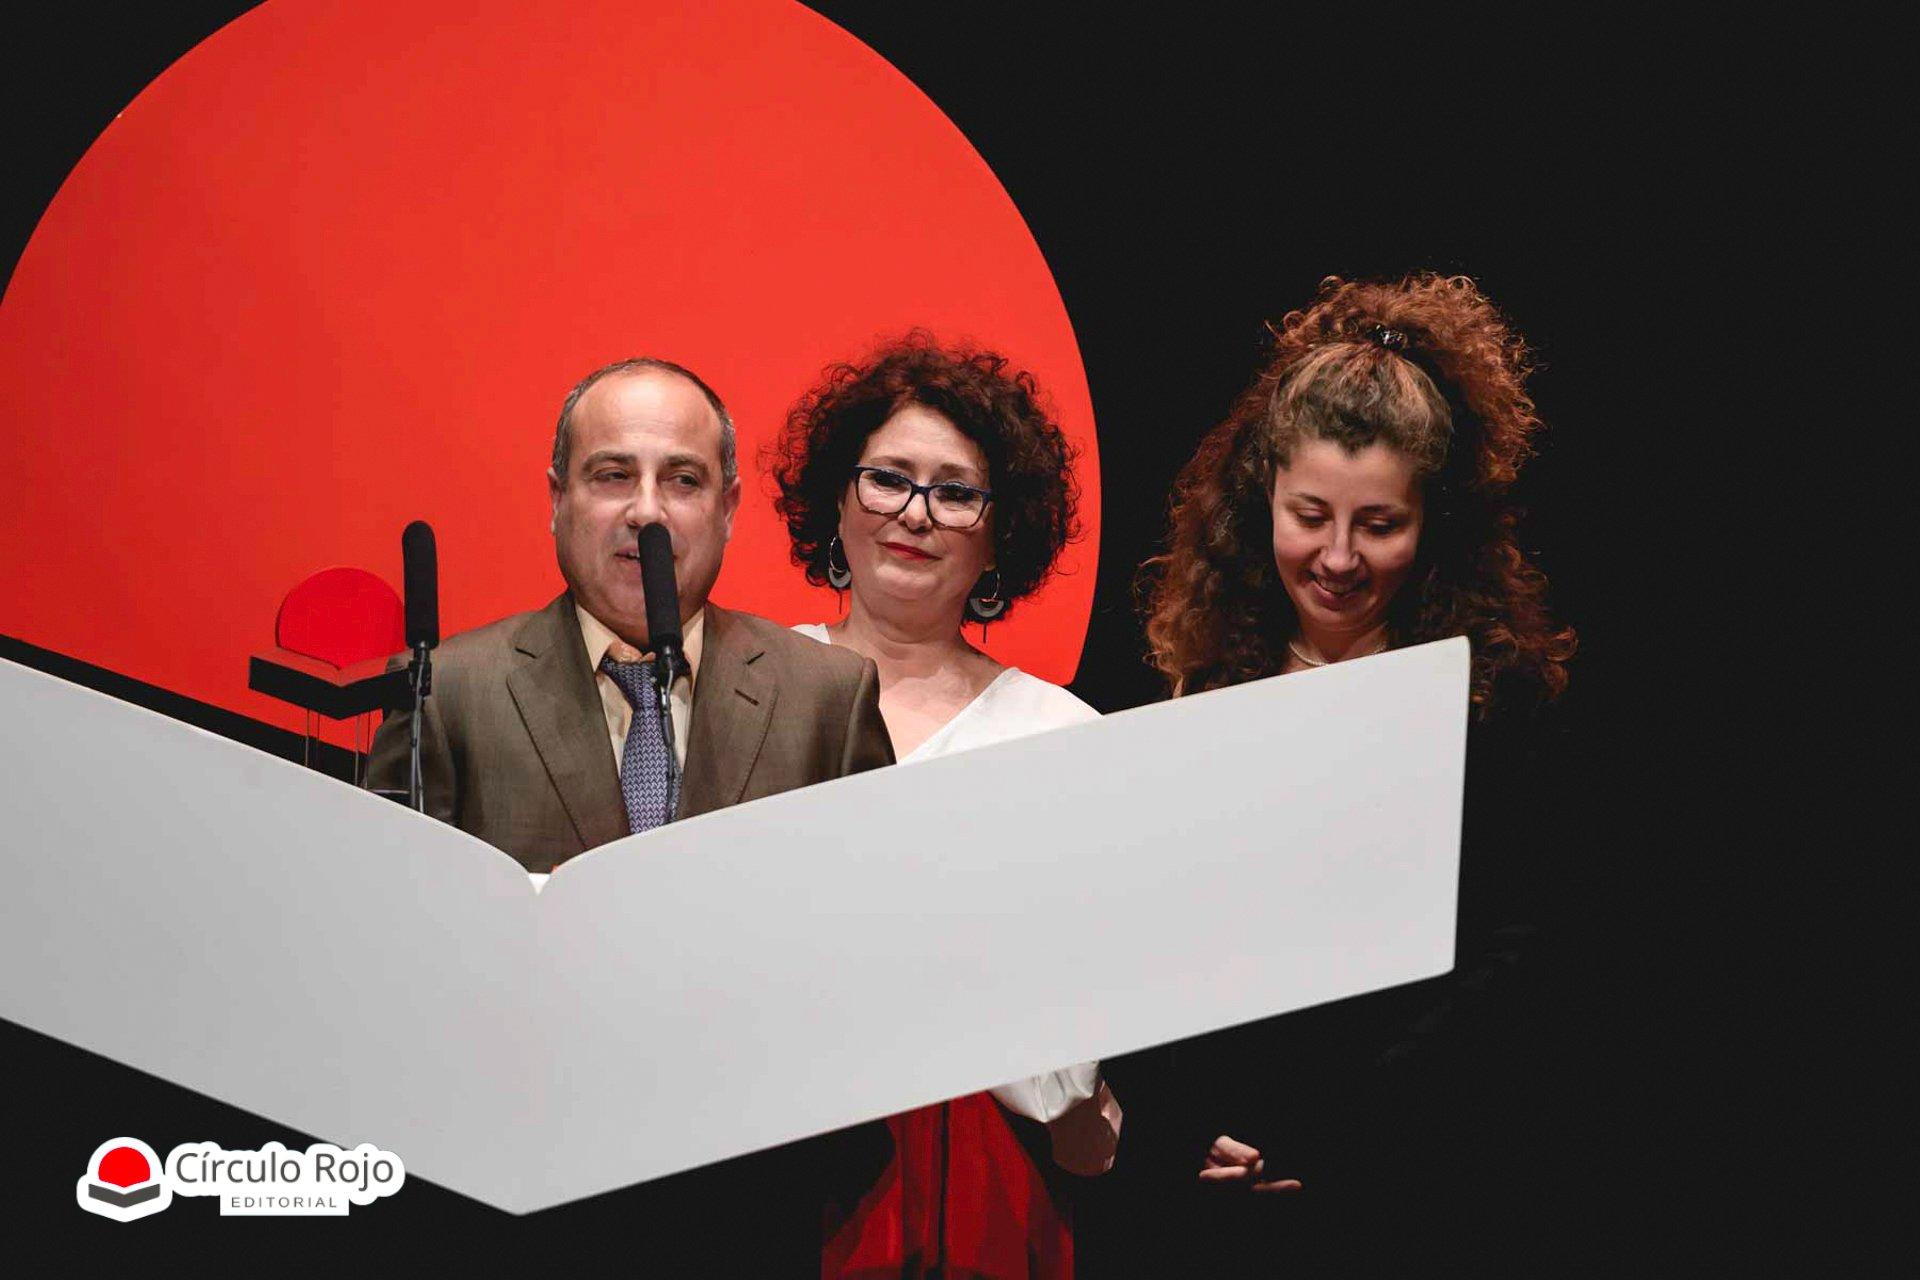 Premios Círculo Rojo 2019 Te Cuento un Cuadro premio categoría relato